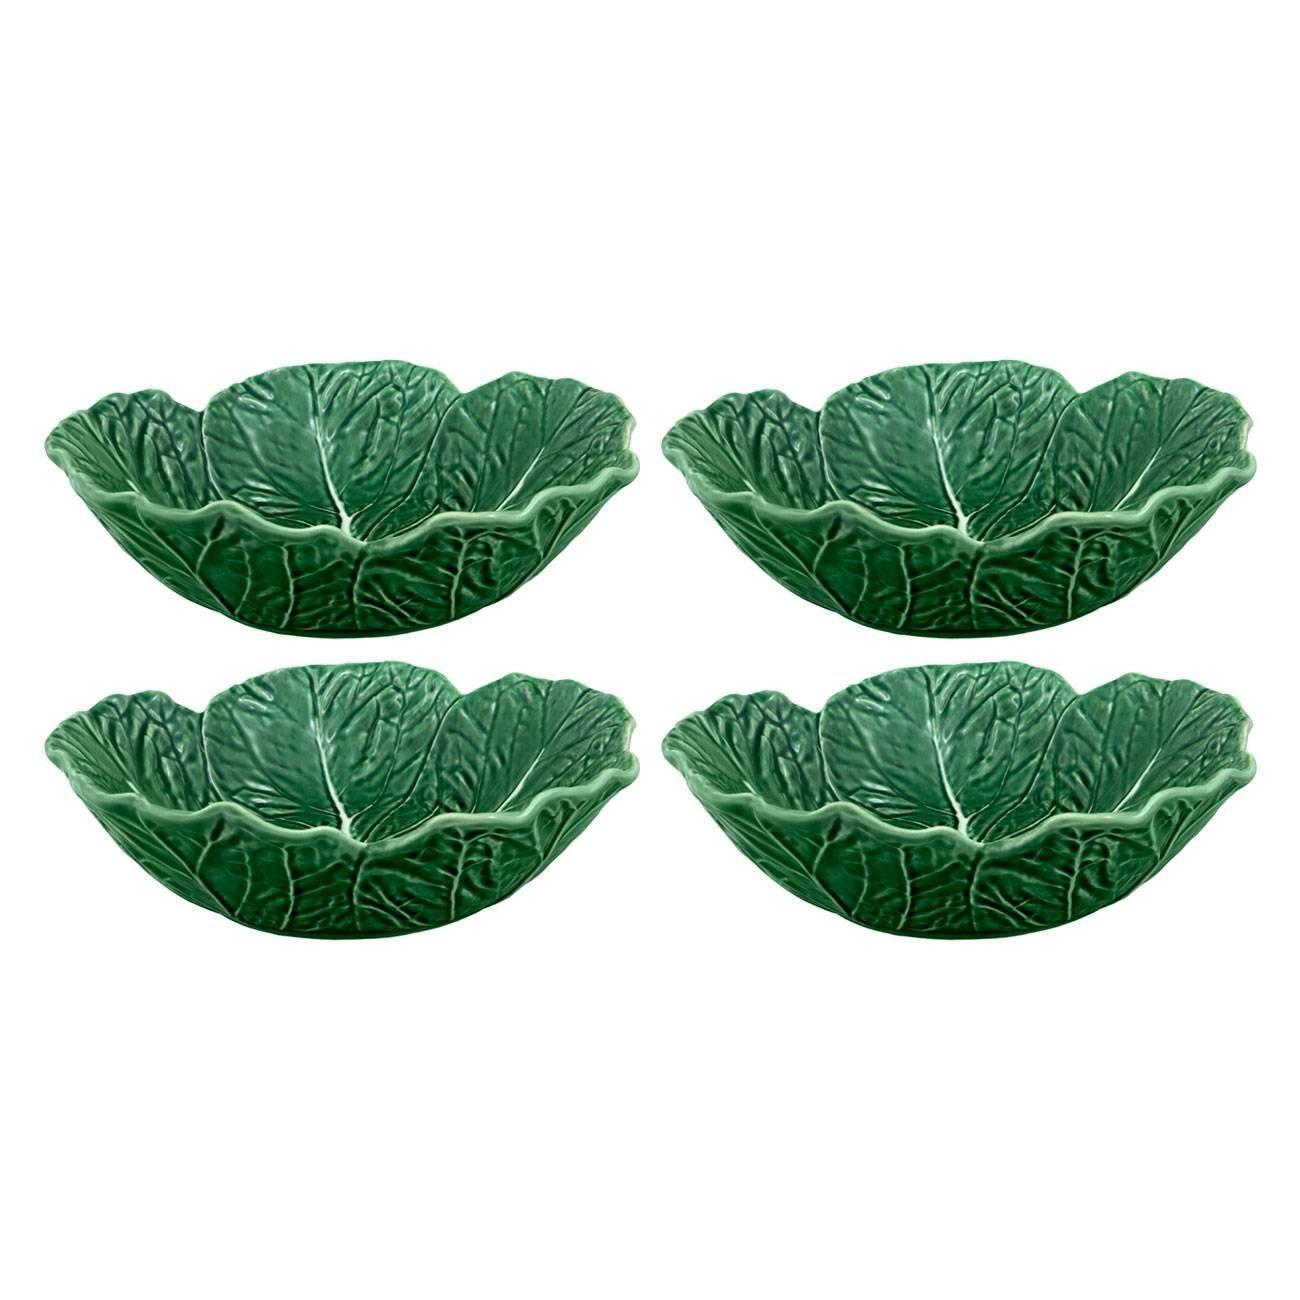 Bordallo Pinheiro Cabbage Green Cereal Bowl, Set of 4 by Bordallo Pinheiro (Image #2)